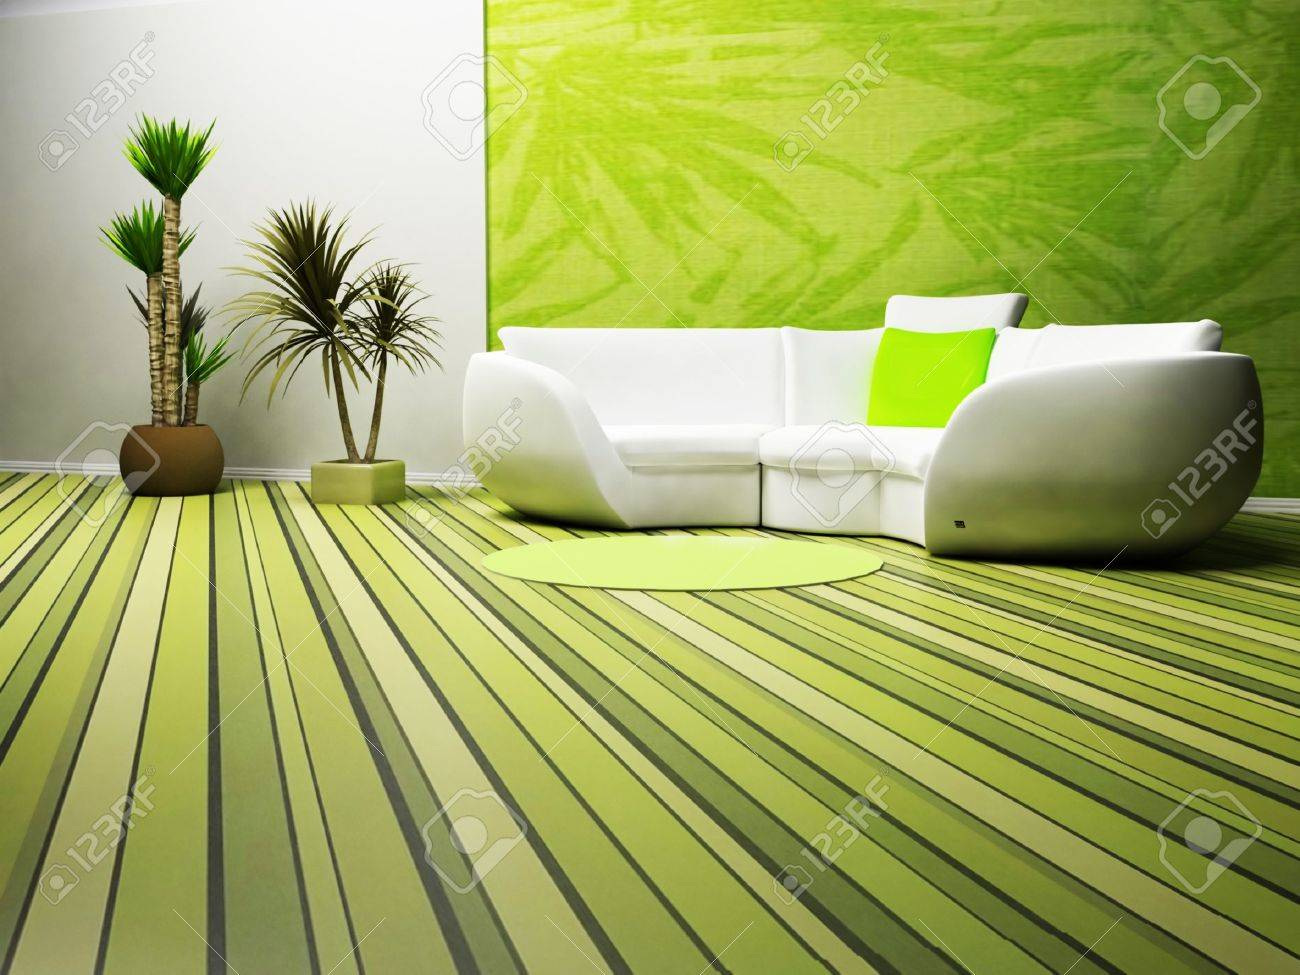 wohnzimmer pflanzen | jtleigh.com - hausgestaltung ideen - Moderne Wohnzimmer Pflanzen